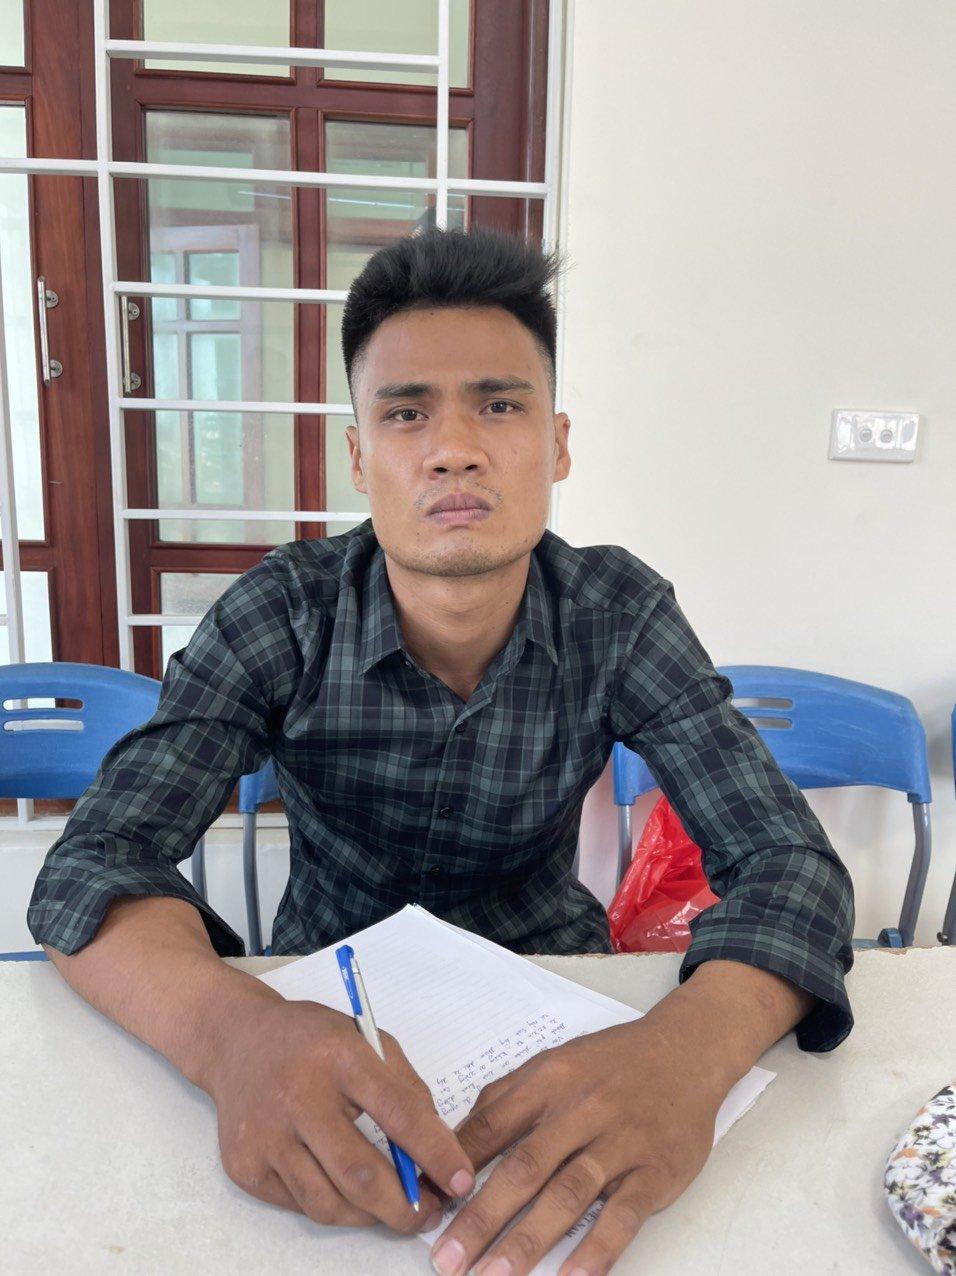 Di lý nghi phạm trộm xe đâm chết bác sĩ từ Nghệ An vào Bình Dương - Ảnh 1.